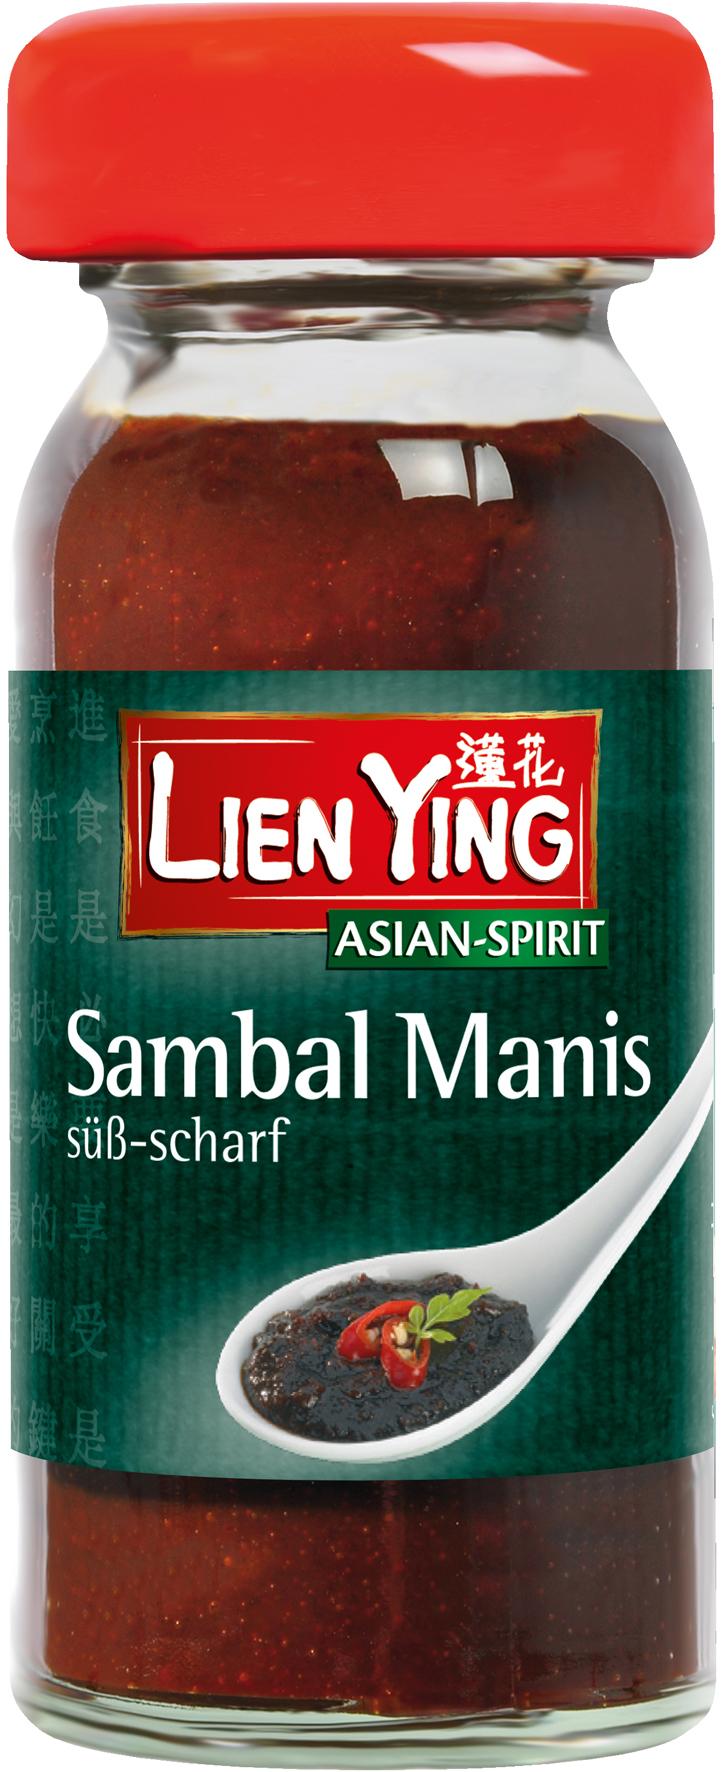 Lien Ying Sambal Manis 55 G